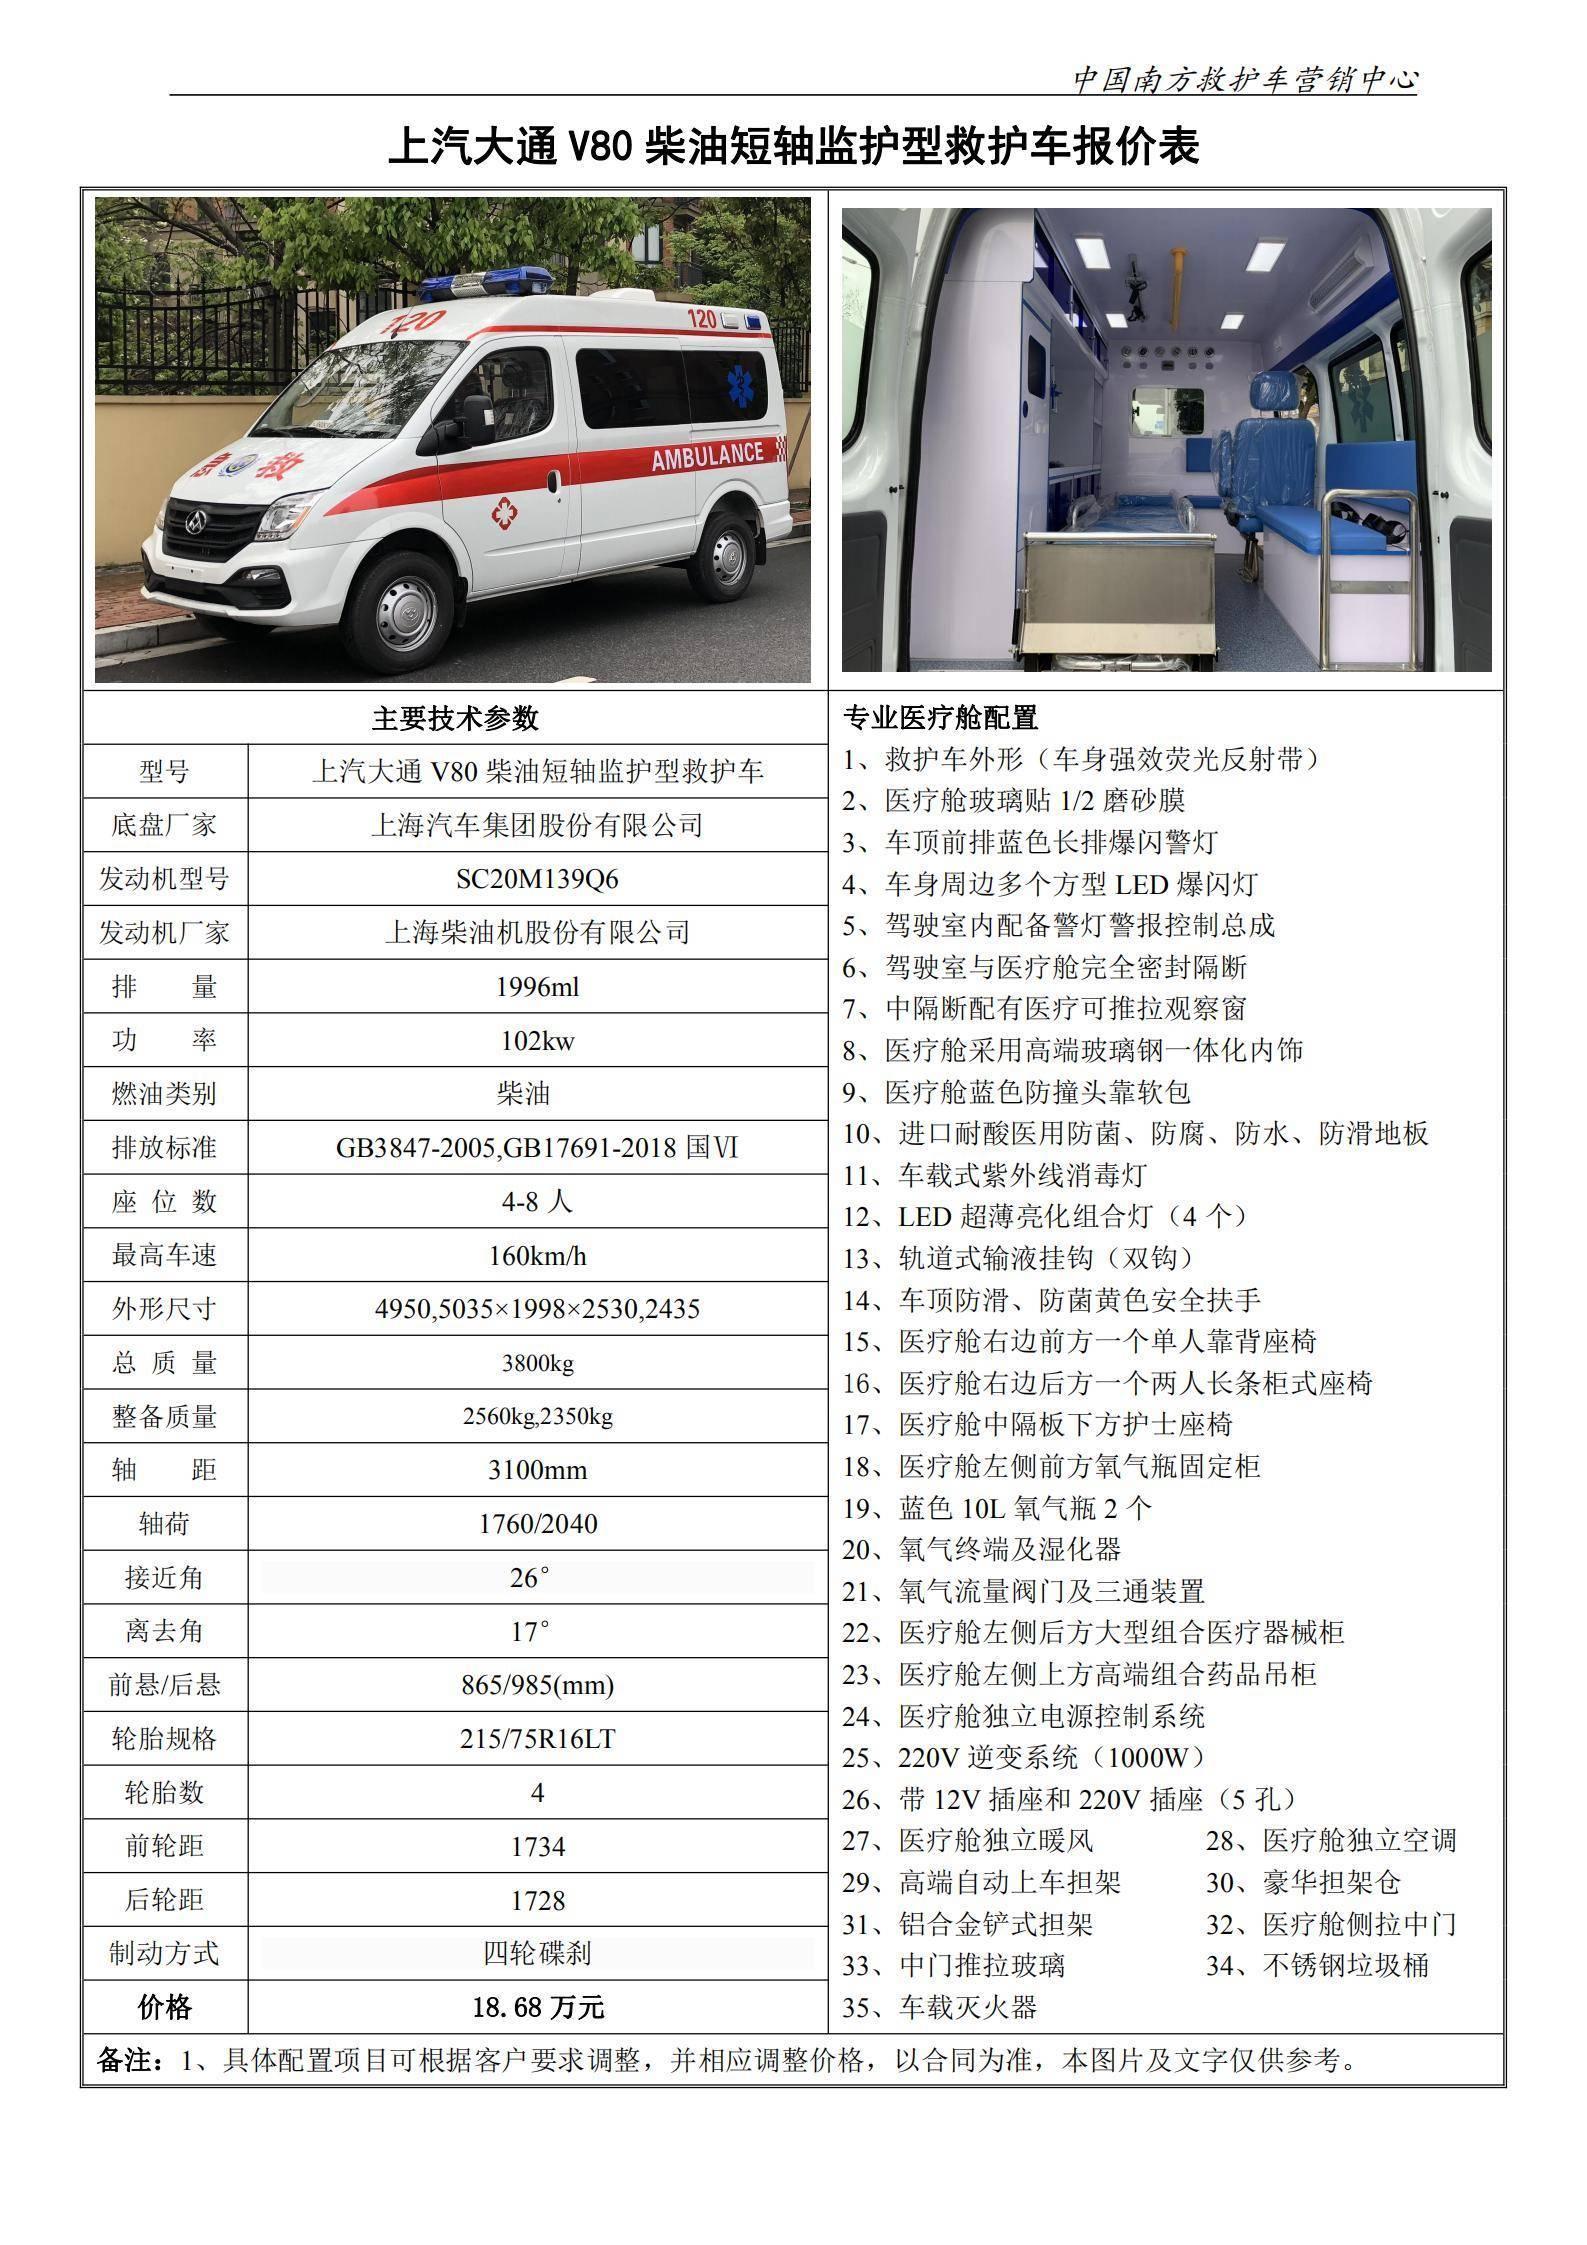 33、上汽大通V80短轴监护型救护车_0